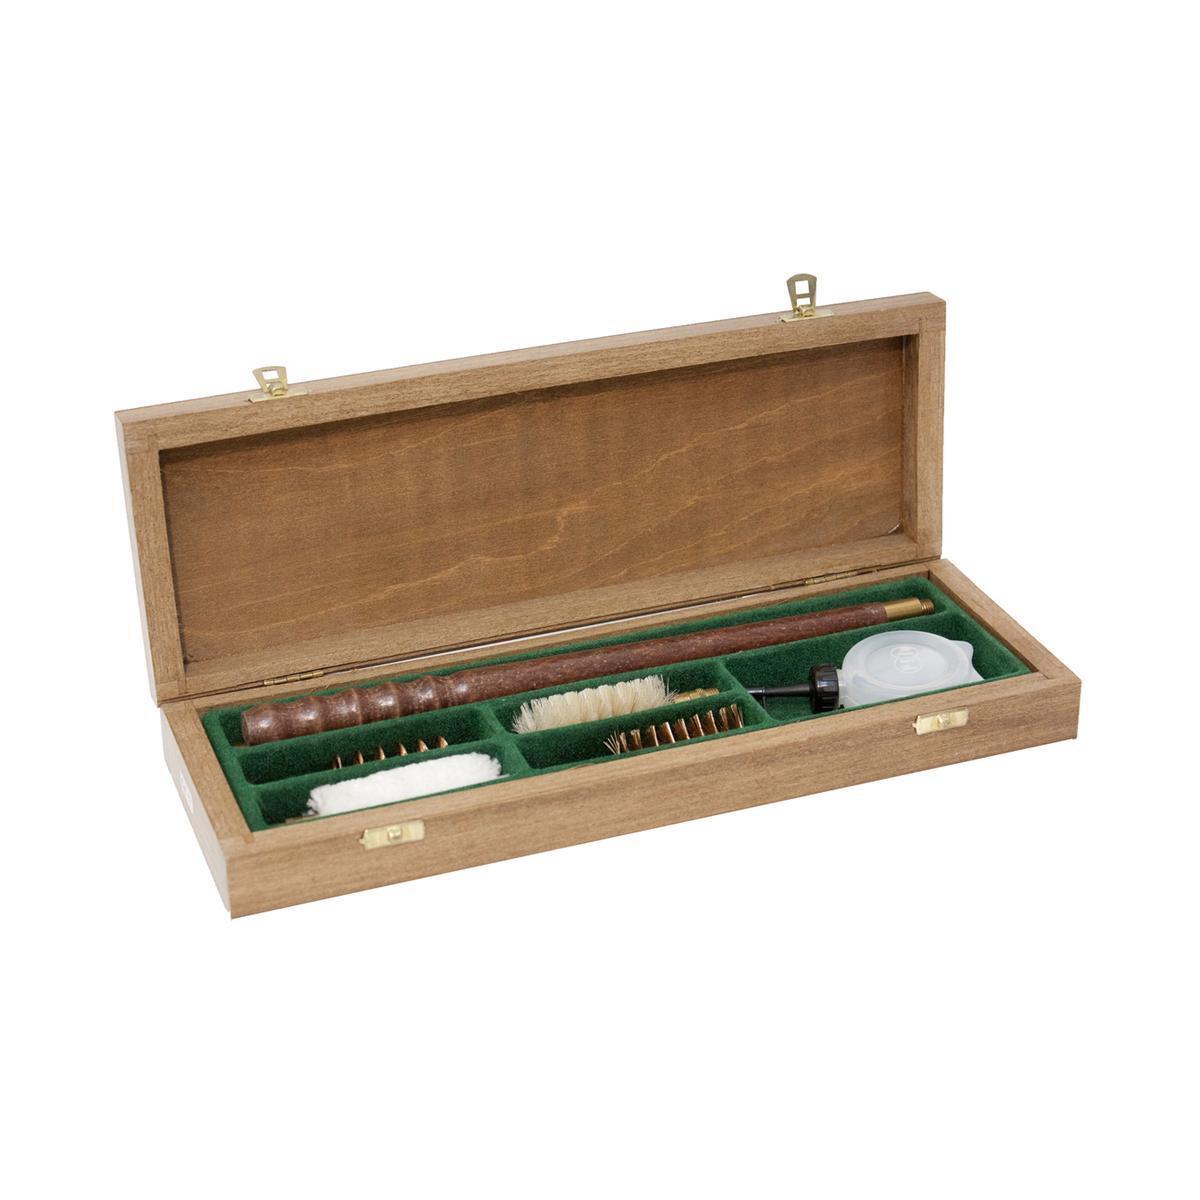 Bisley Wood Box 20G Shotgun Cleaning Kit